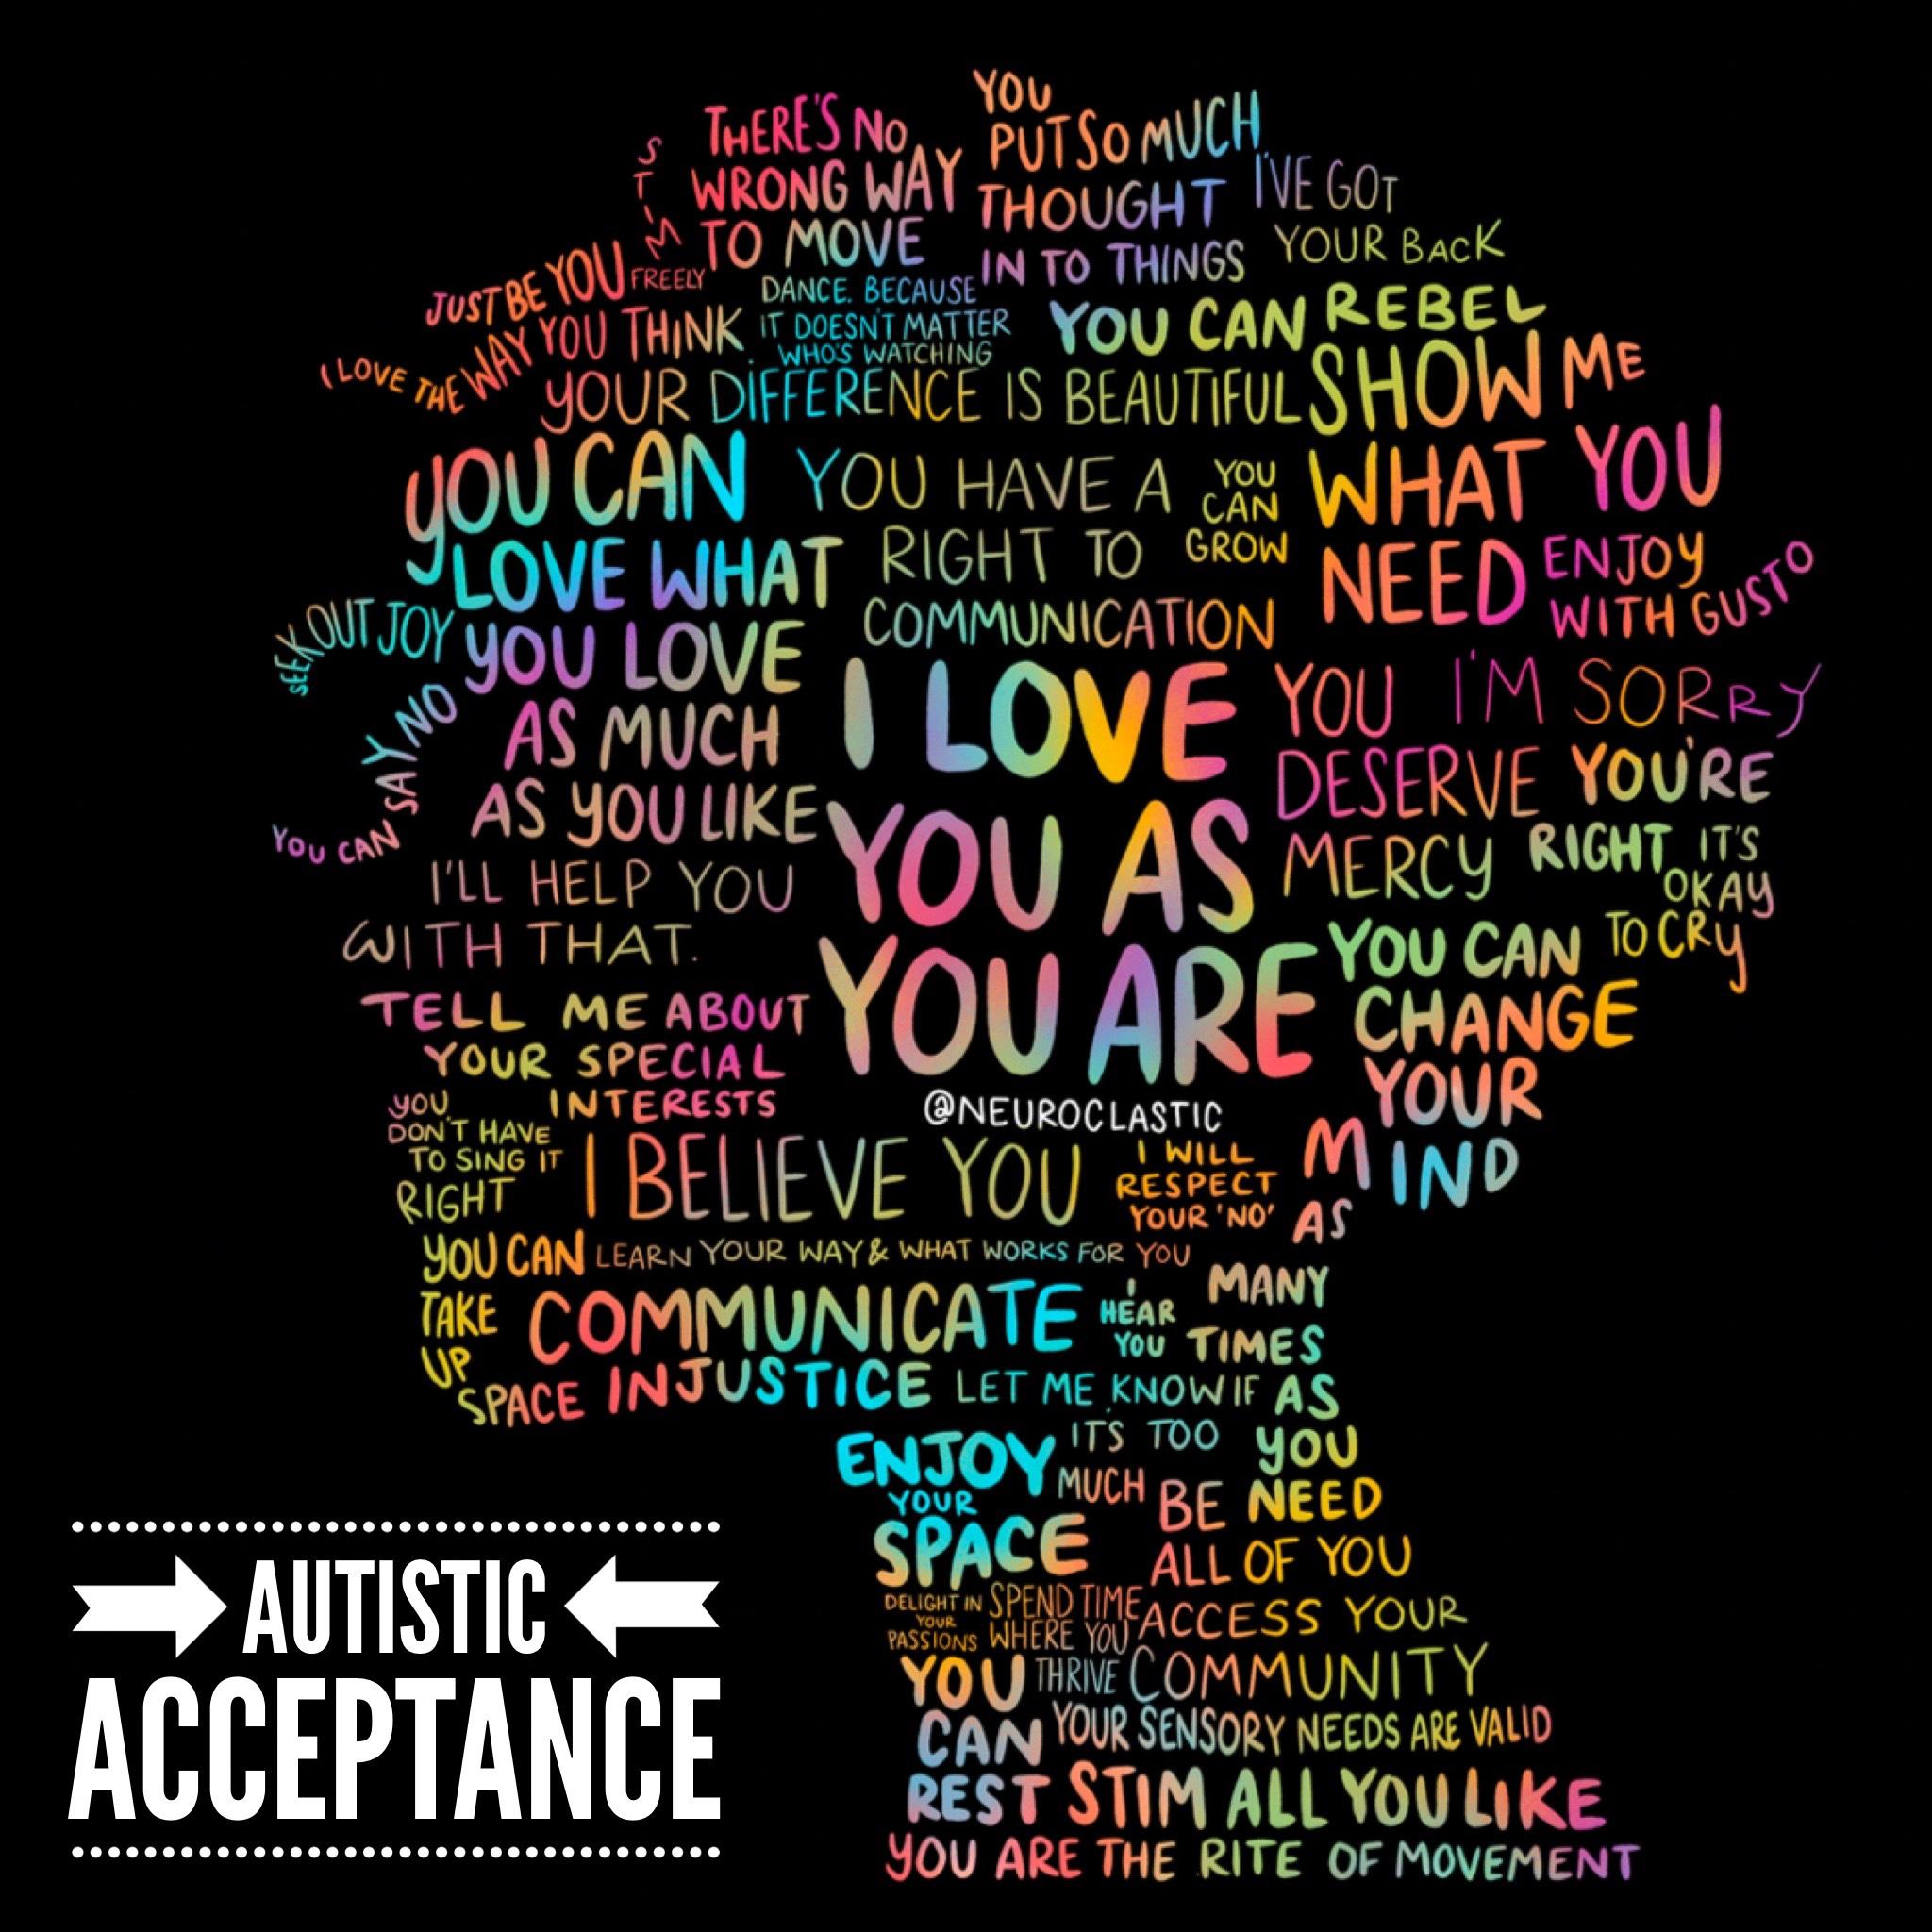 Autistic Acceptance